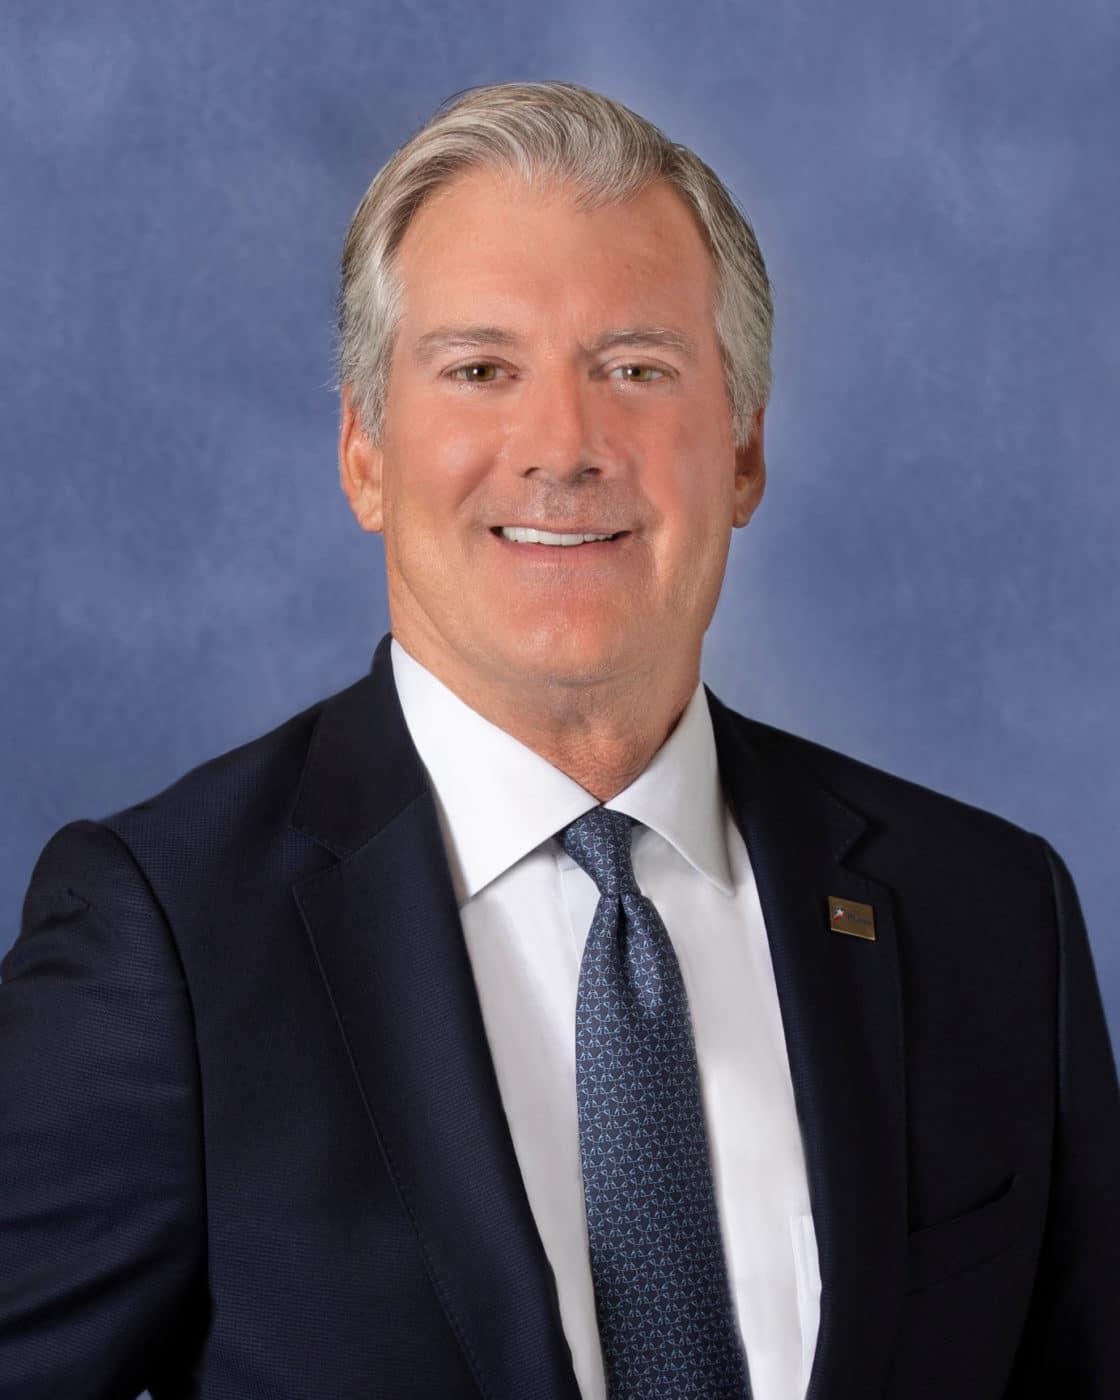 Mayor Muns Headshot